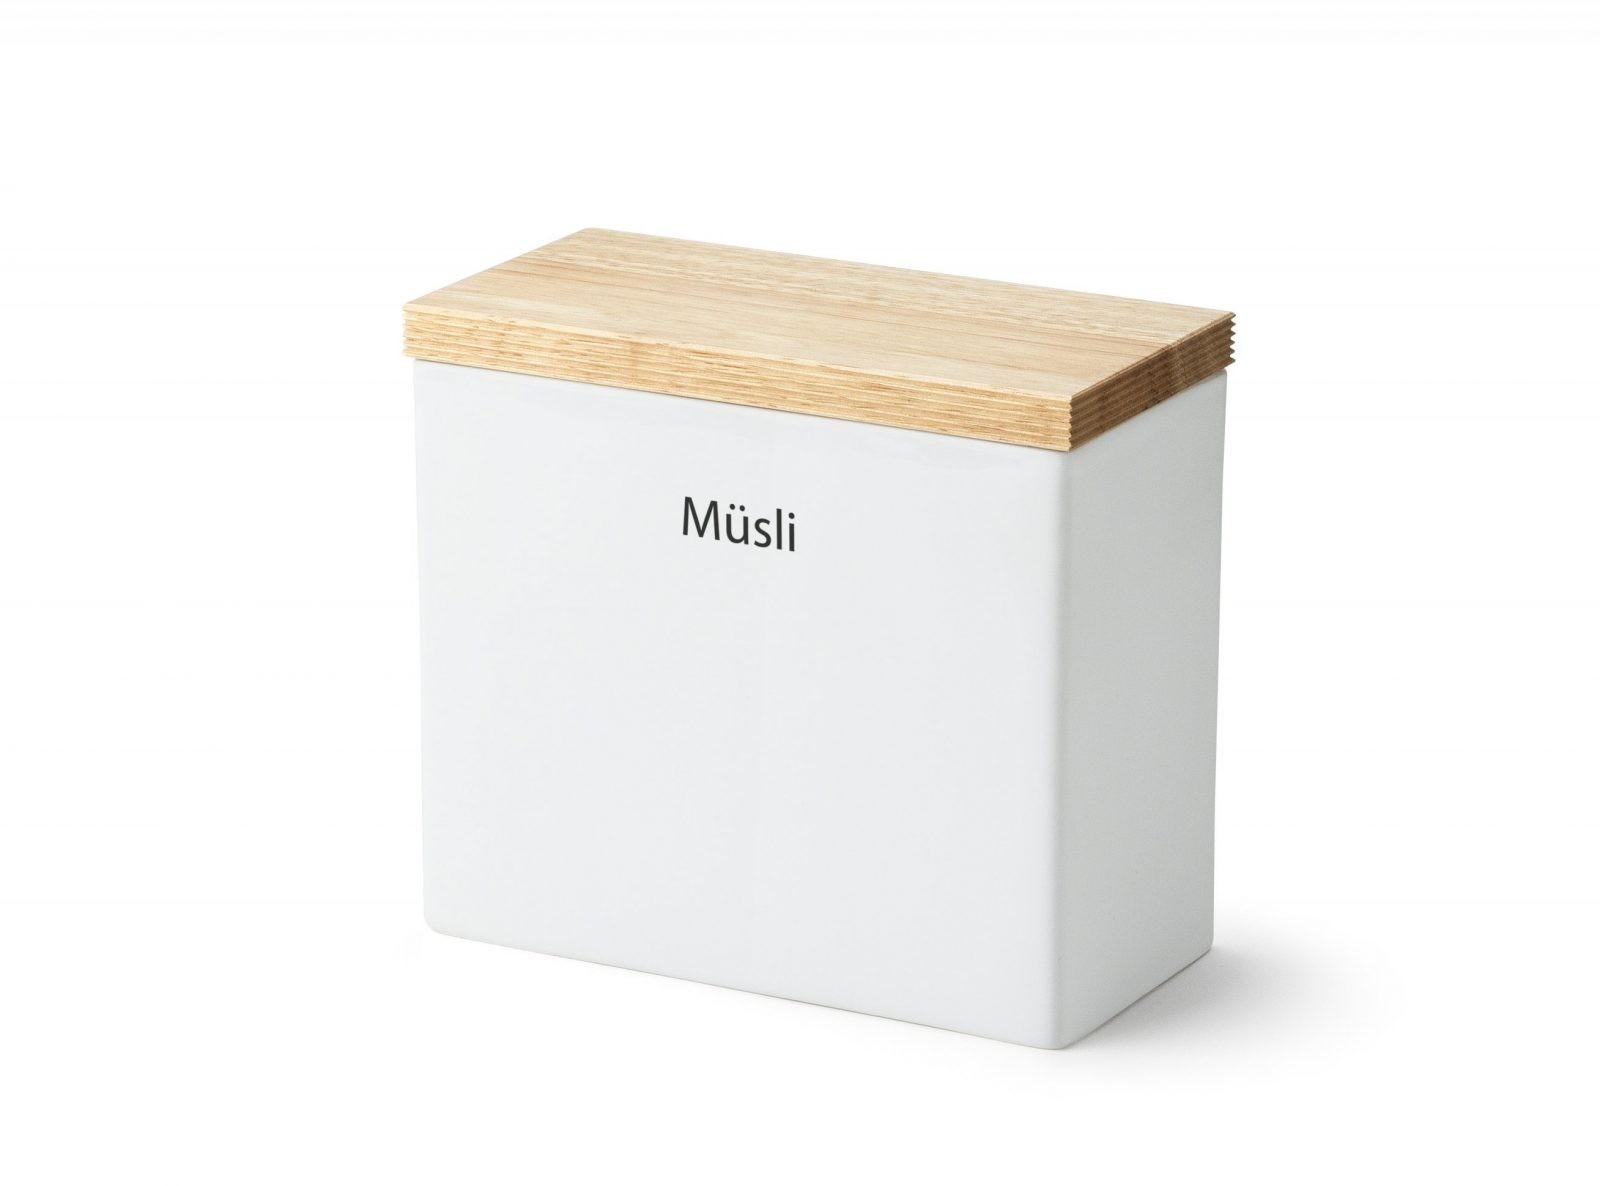 Vorratsdose Keramik Für Müsli Holzdeckel Und Silikonring Von Continenta von Vorratsdosen Mehl Zucker Salz Keramik Photo